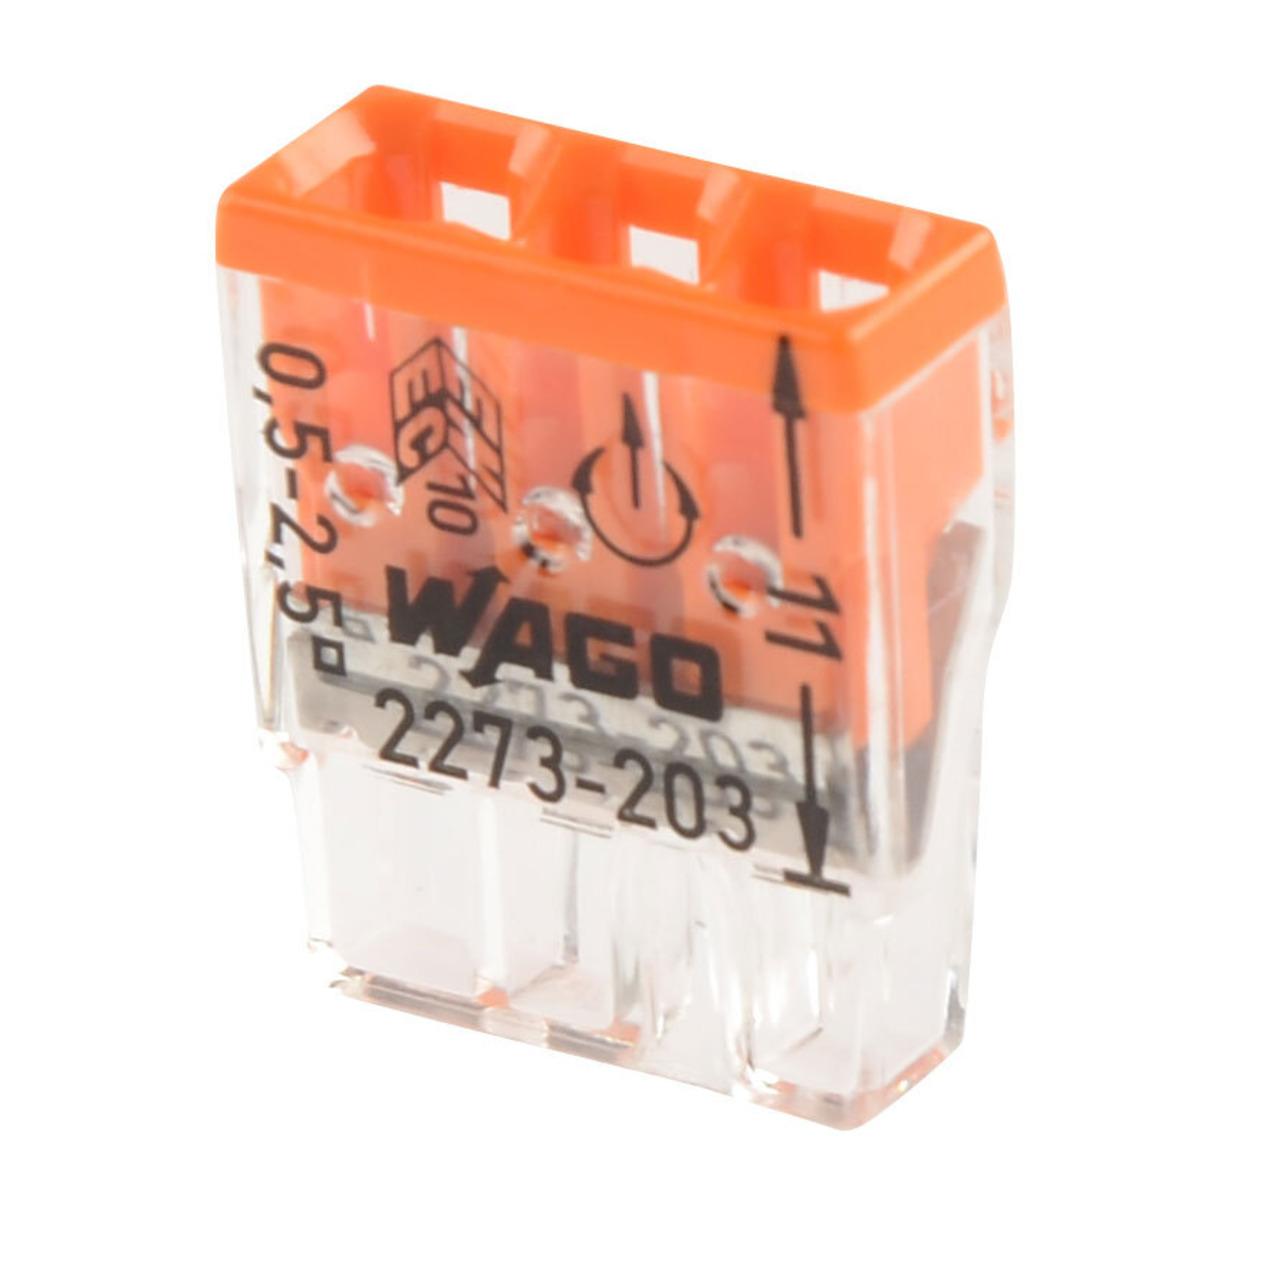 Wago Compact 2273-203 Verbindungsklemme- 3pol- 100 Stück